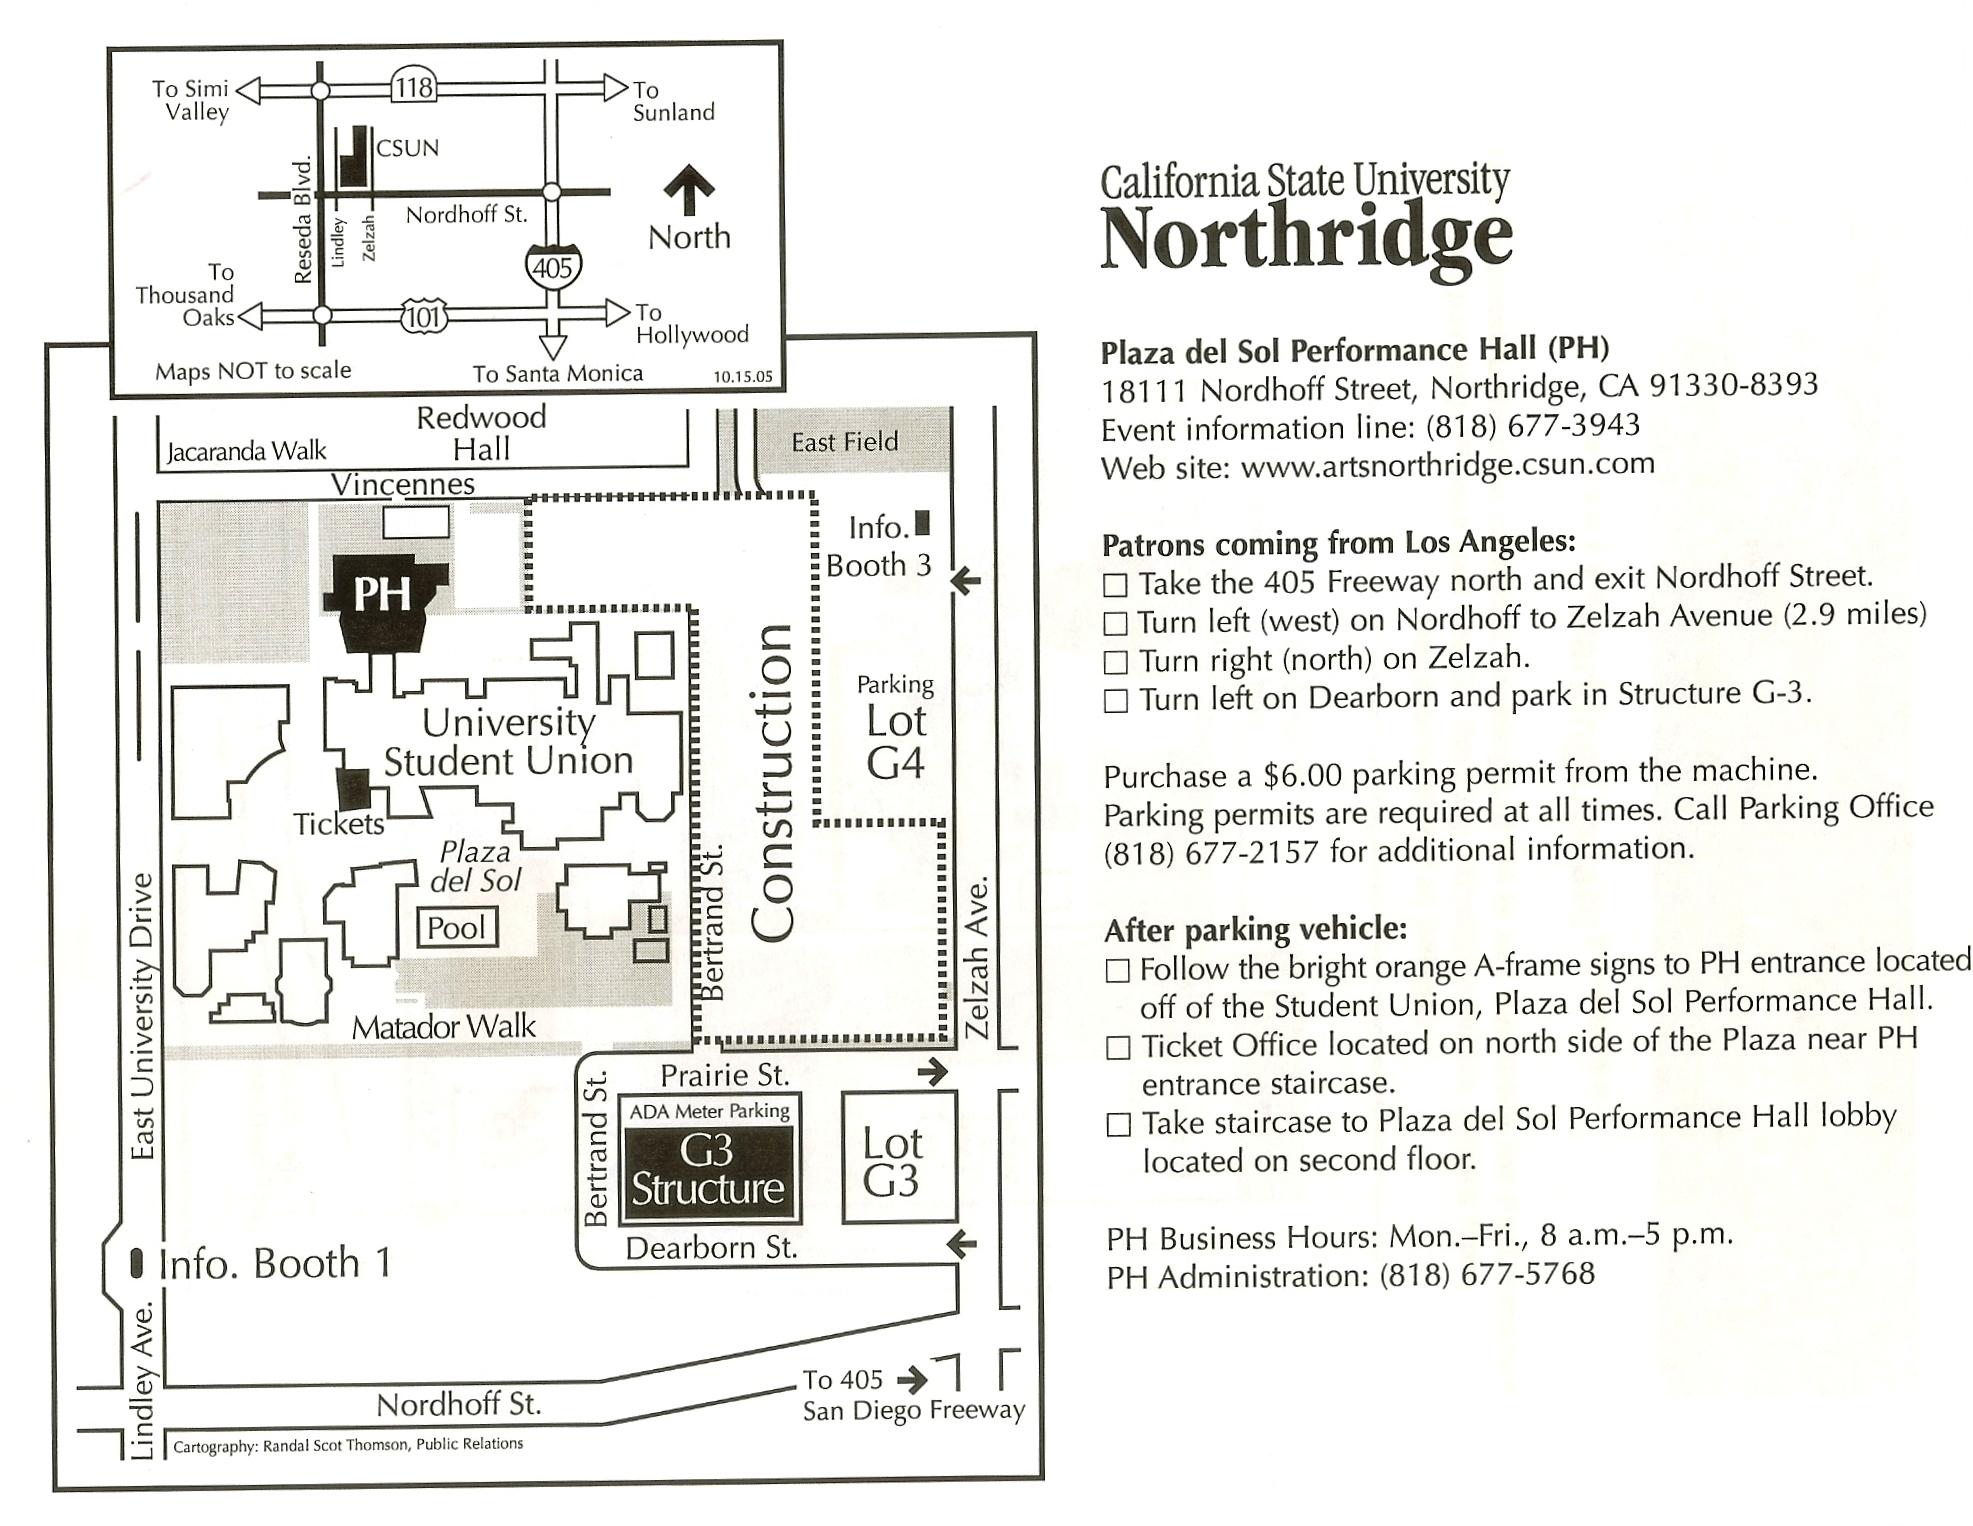 LA/NORTHRIDGE - SIDE SECTIONS